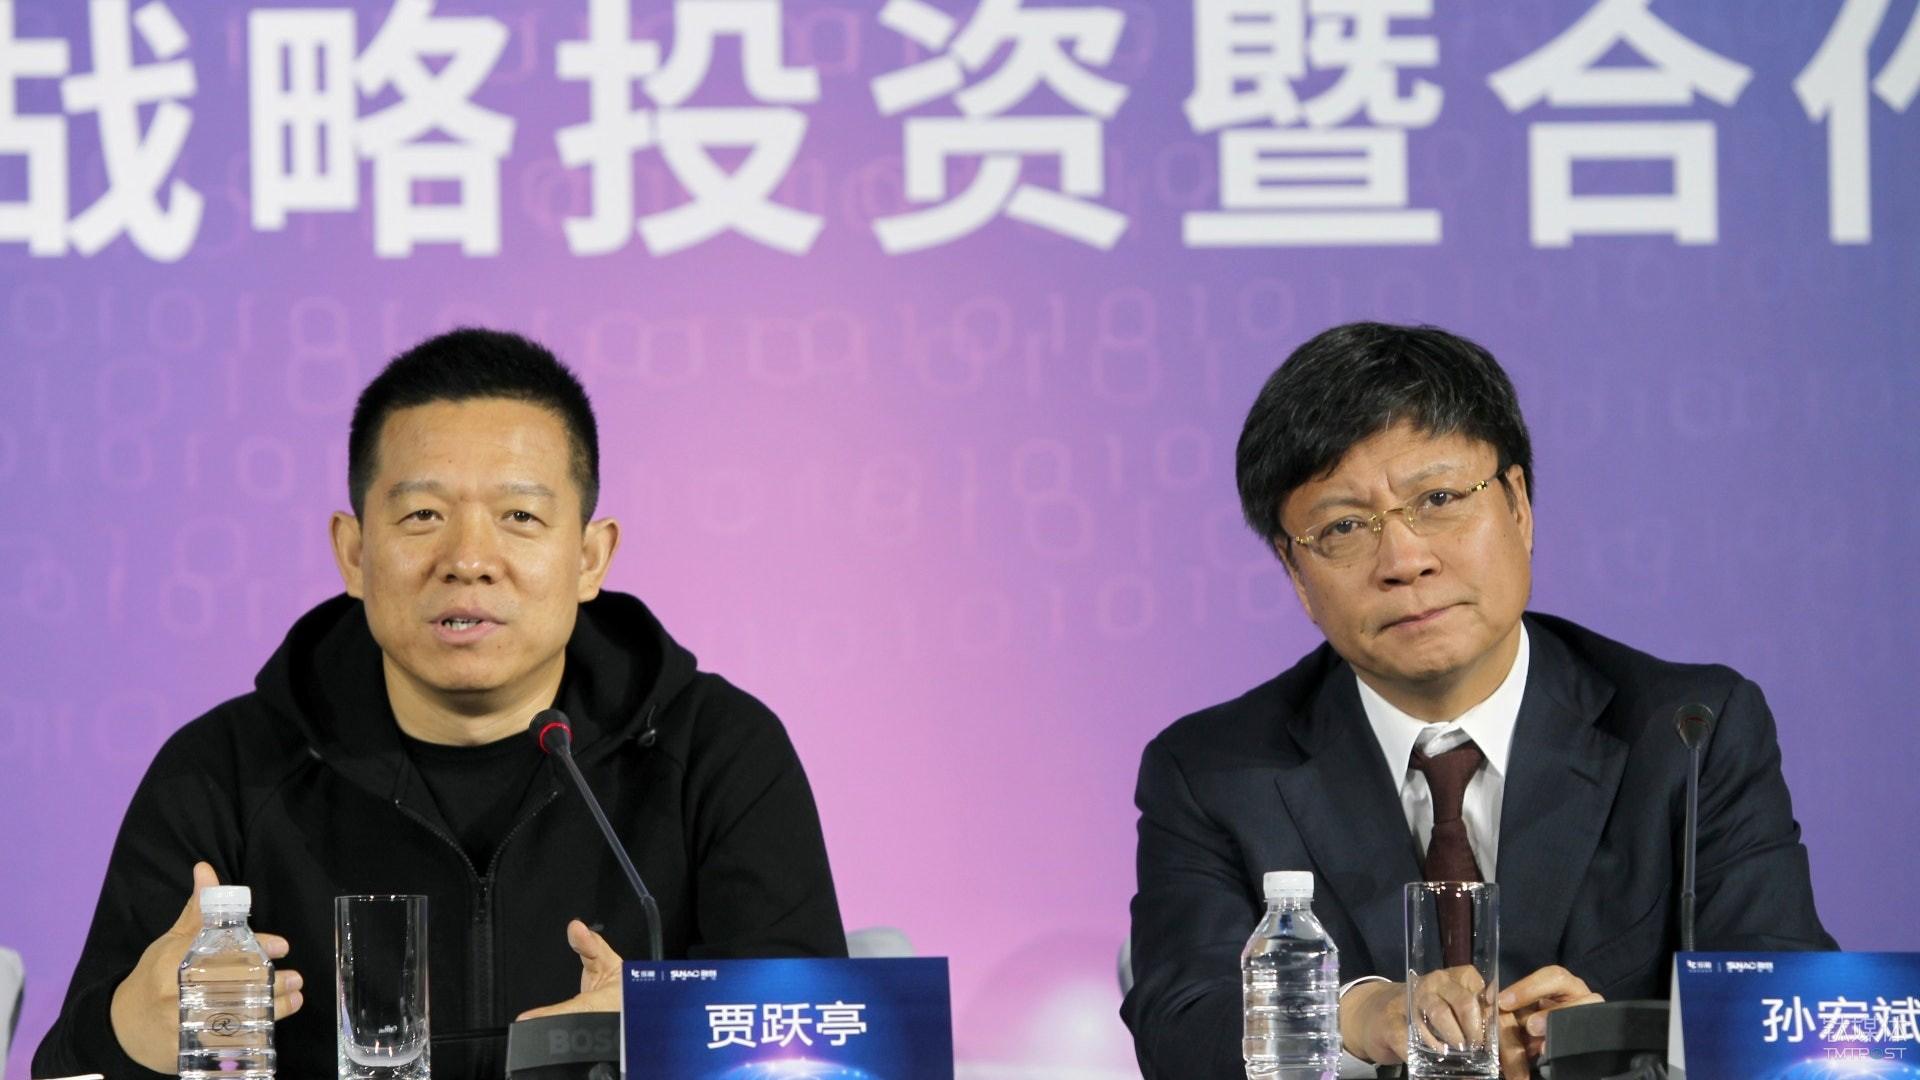 发布会上的孙宏斌和贾跃亭并排而坐